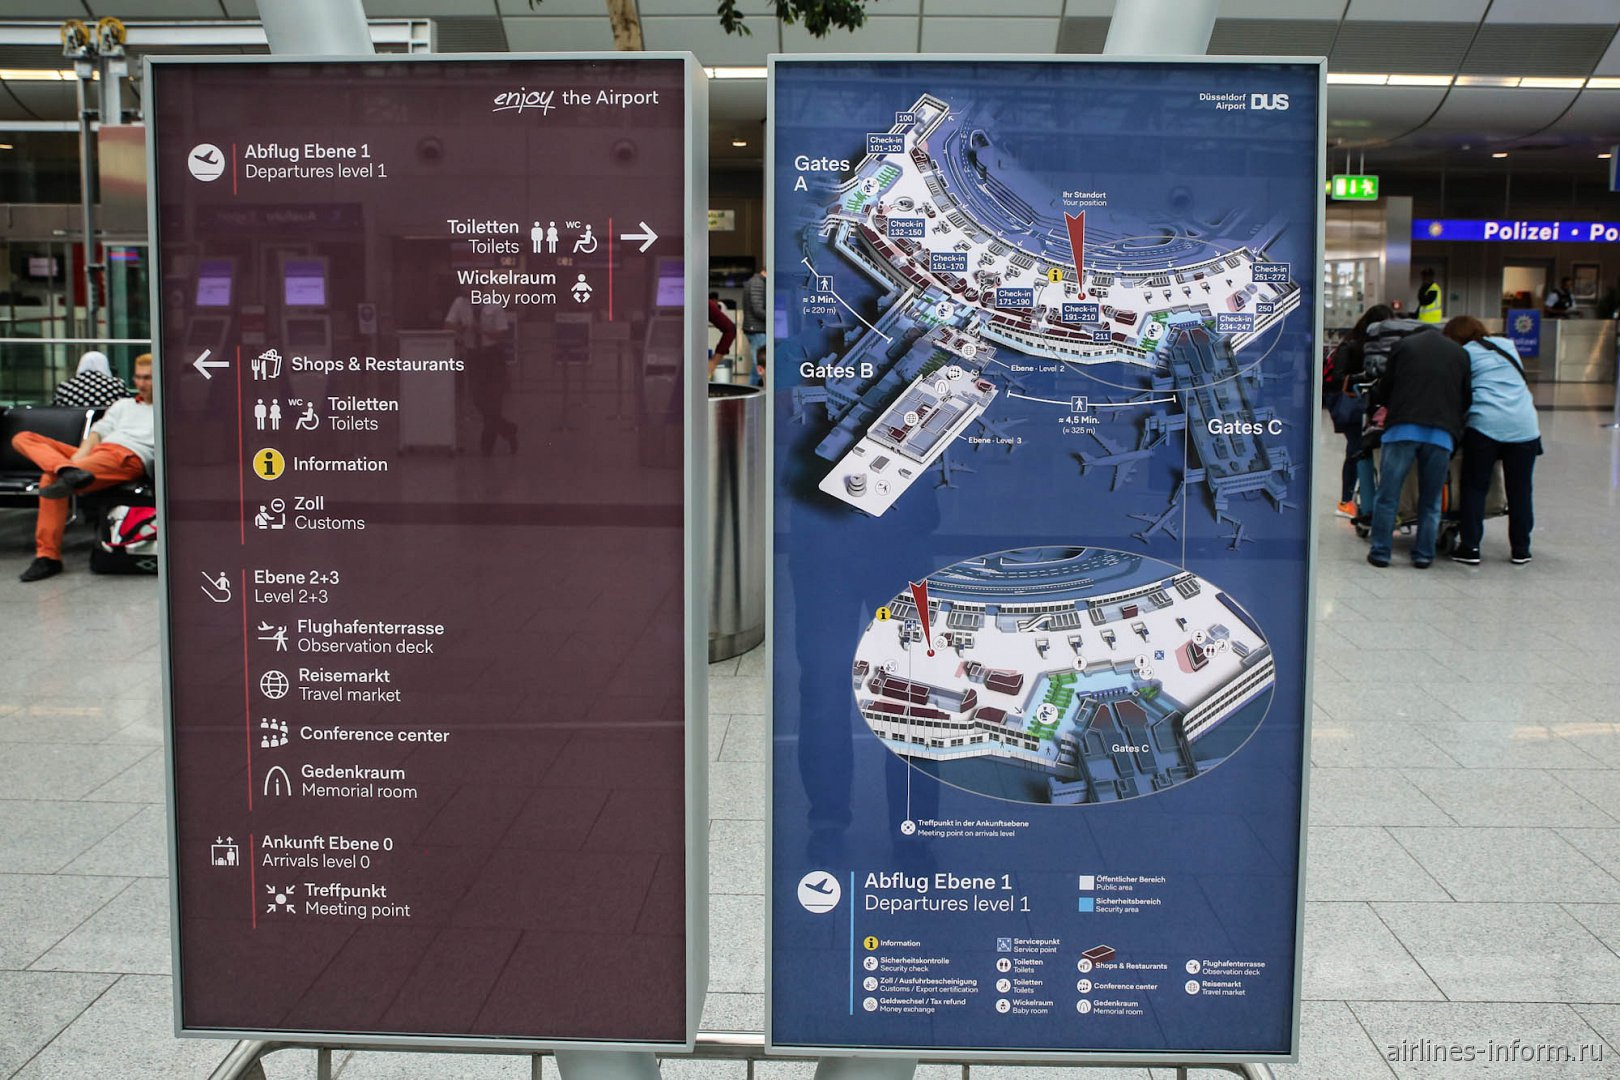 Информационный стенд в аэропорту Дюссельдорфа